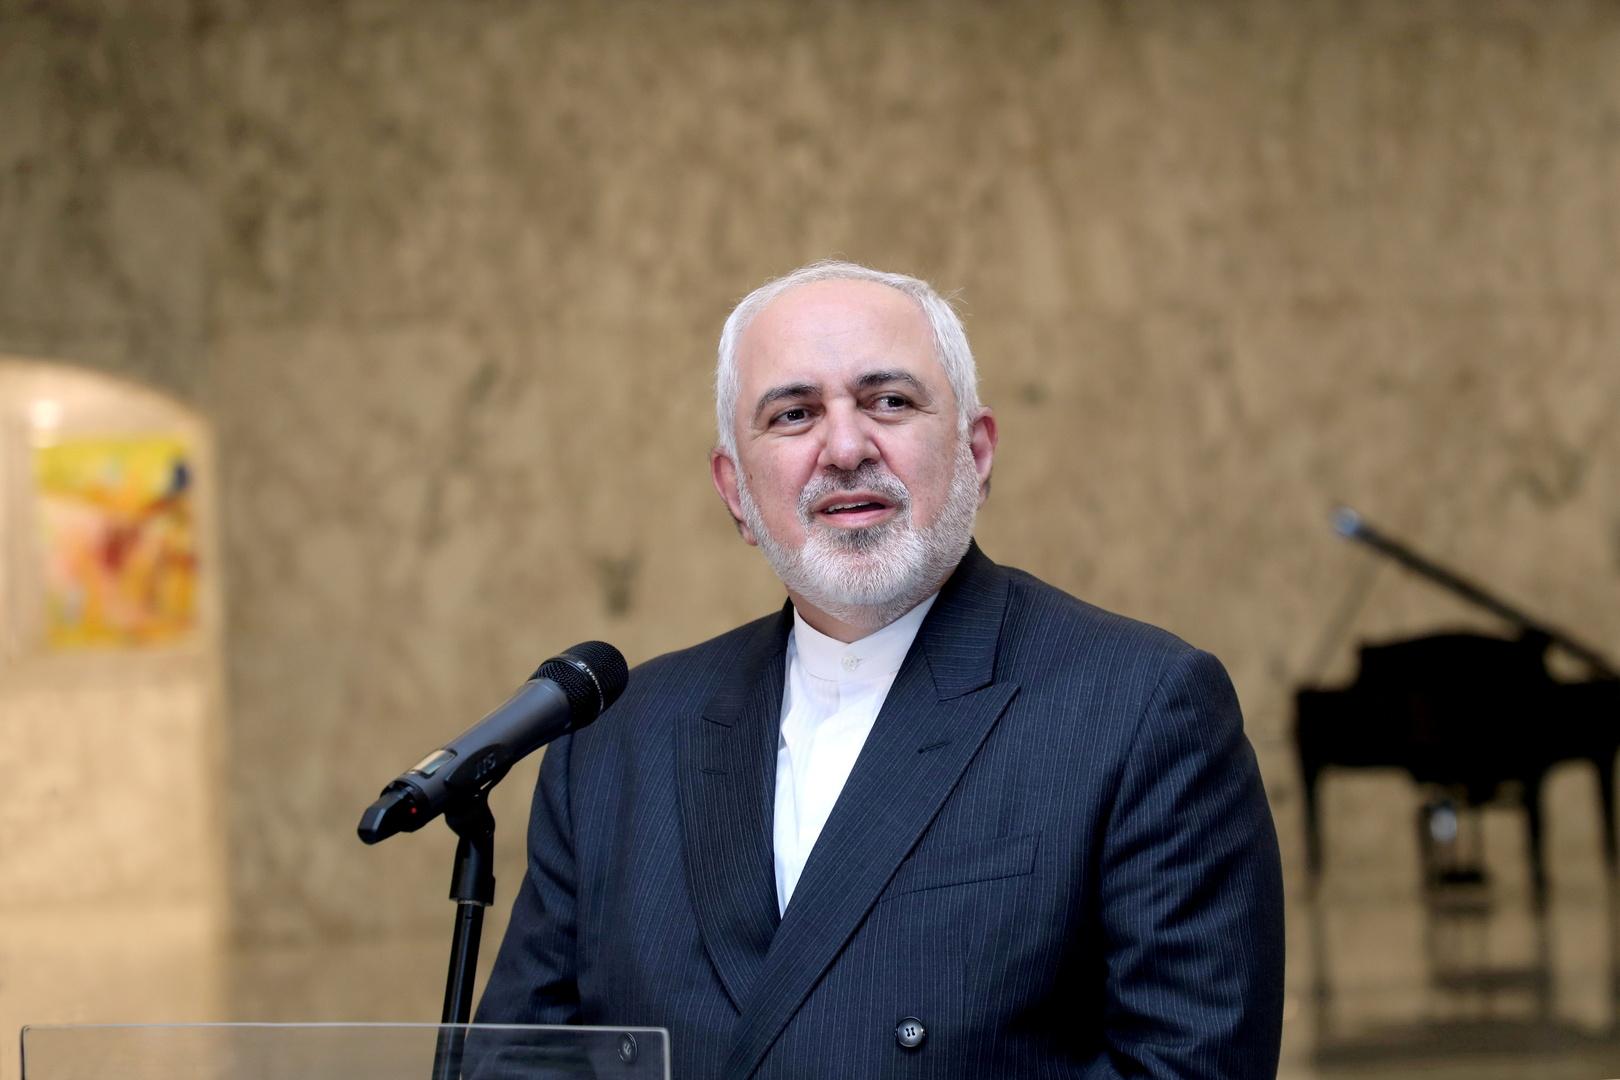 ظريف: العنف الأمريكي ضد الشعب الإيراني متواصل عبر الإرهاب الاقتصادي